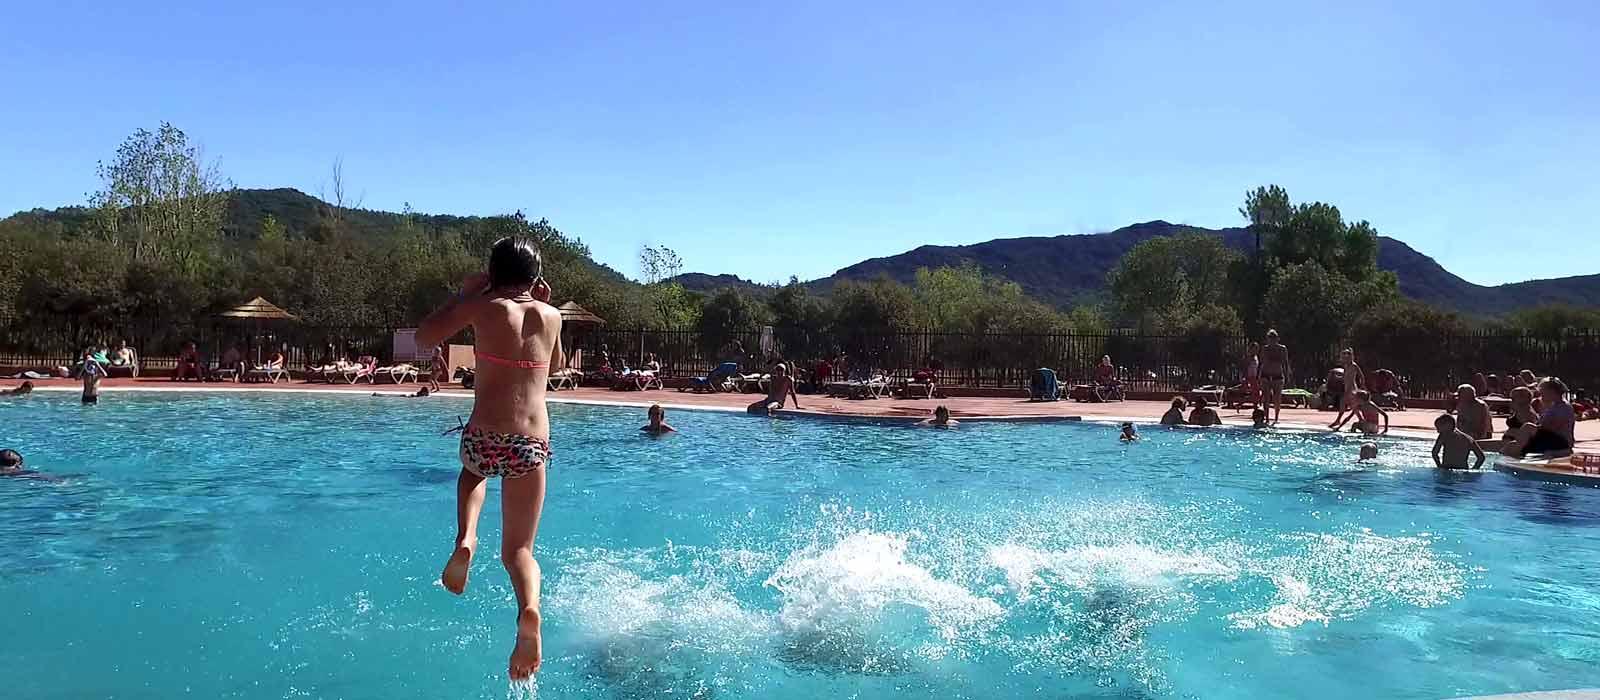 Hướng dẫn phòng bệnh tai - mũi - họng khi cho trẻ đi bơi vào mùa hè - Ảnh 2.